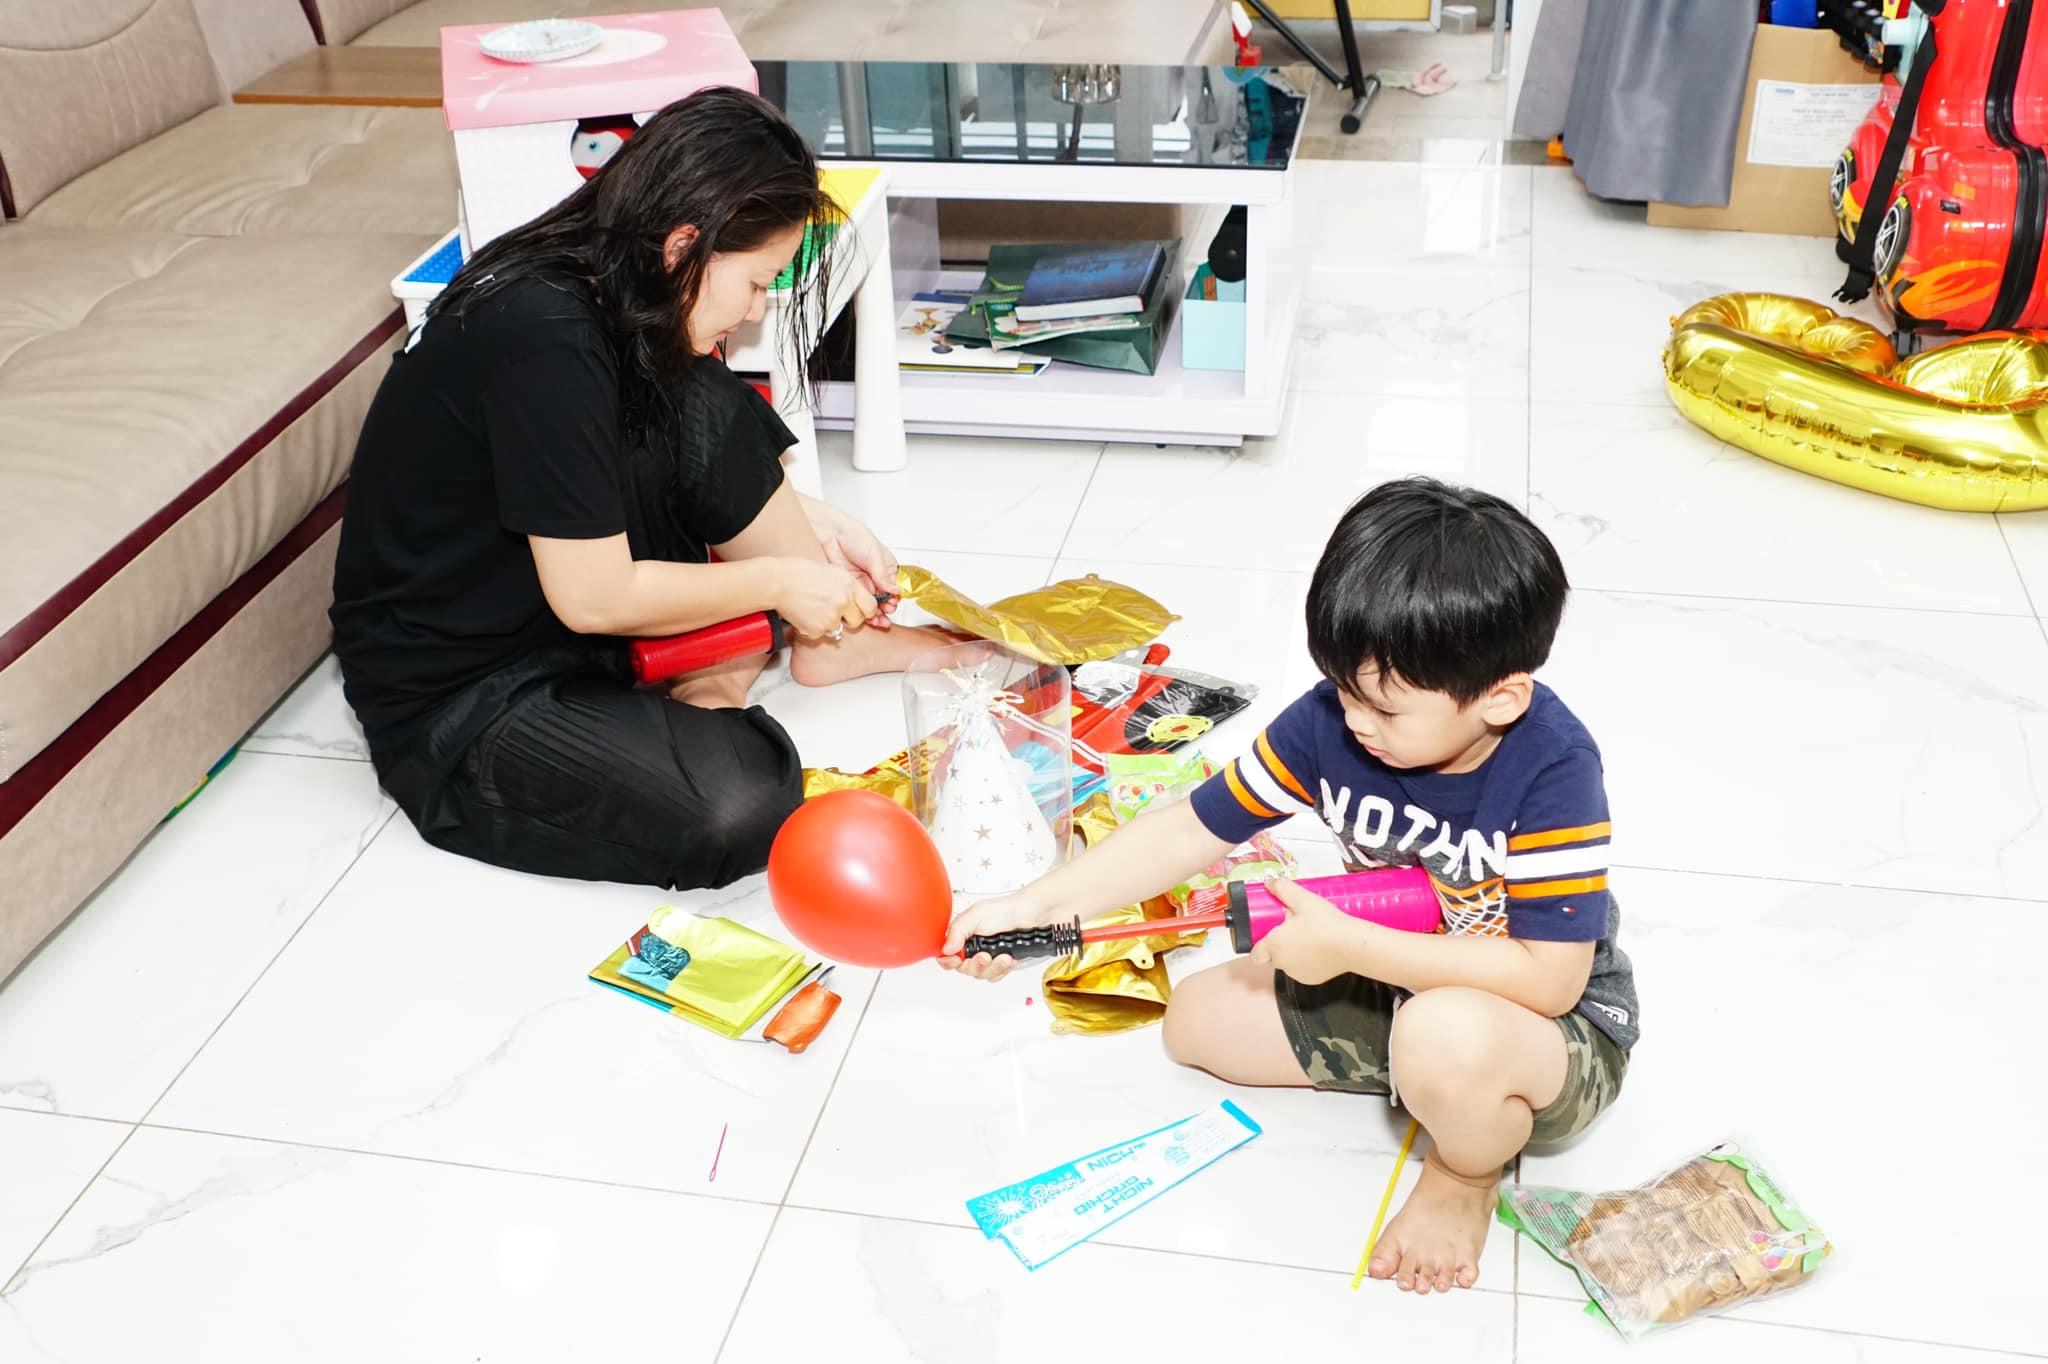 Ngọc Lan kỳ quặc tổ chức sinh nhật cho con trai Thanh Bình vắng mặt nhưng có hành động đặc biệt dành cho bé - Ảnh 2.